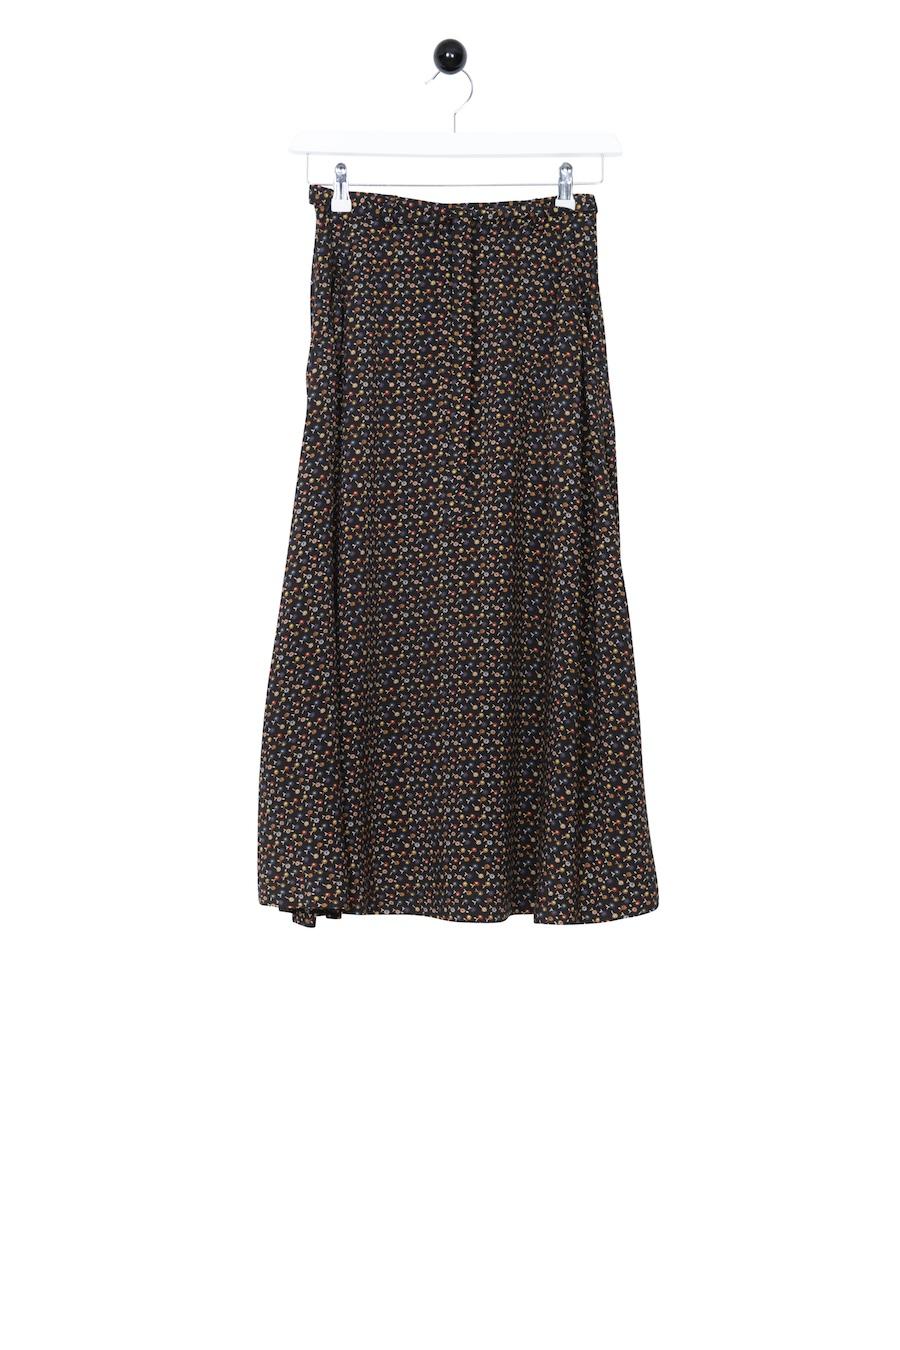 Havtorn Skirt